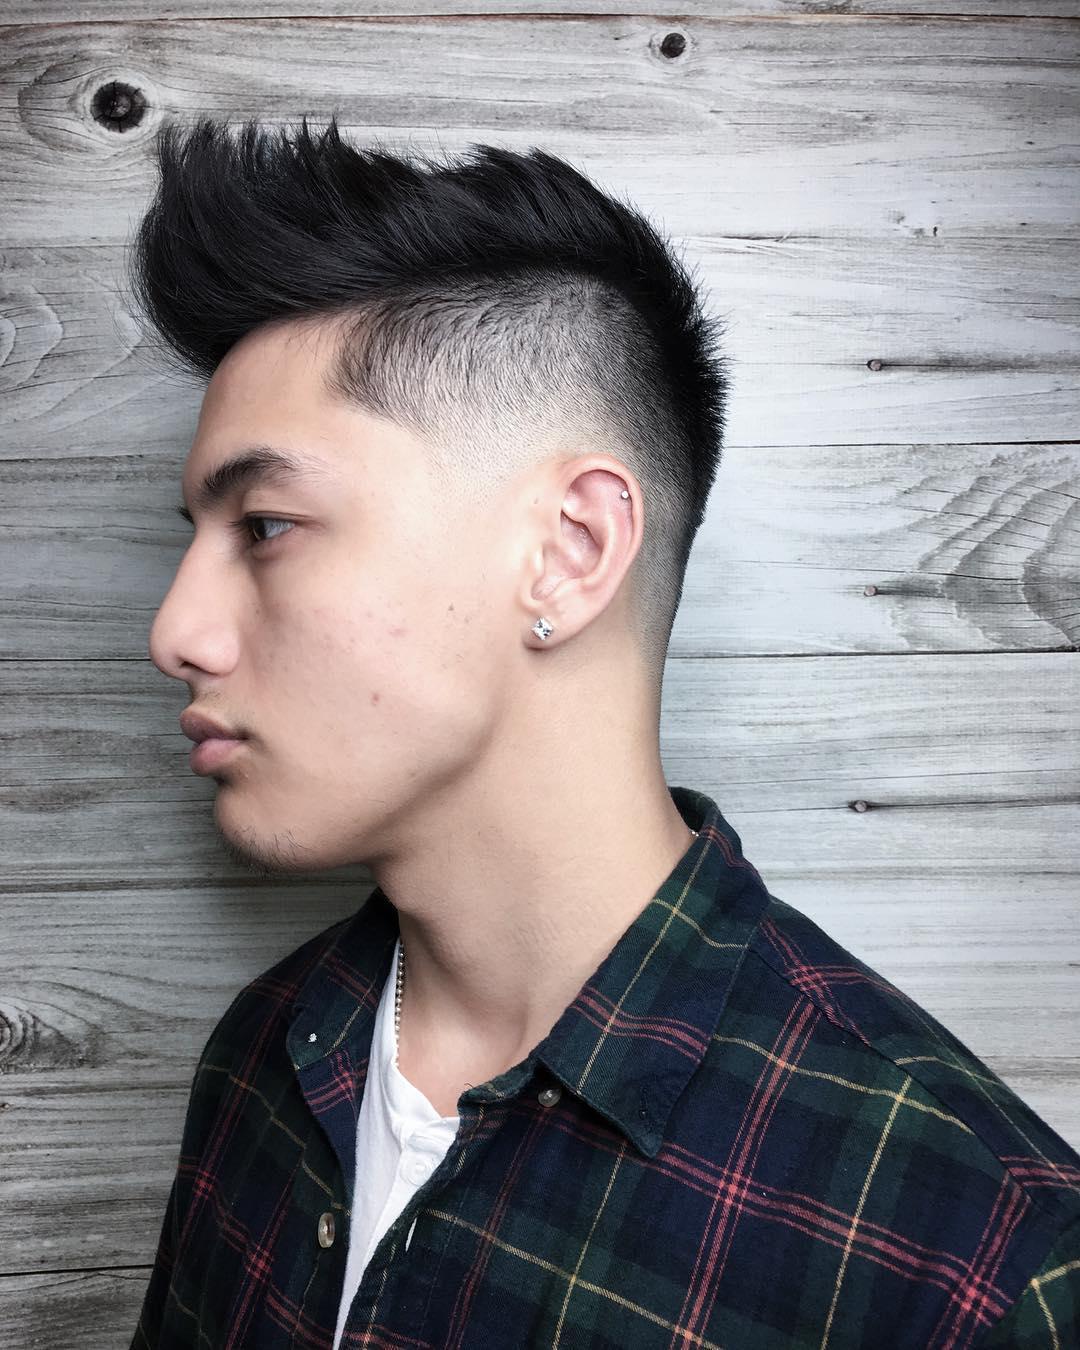 johnny_snips pomp hawk pompadour haircut